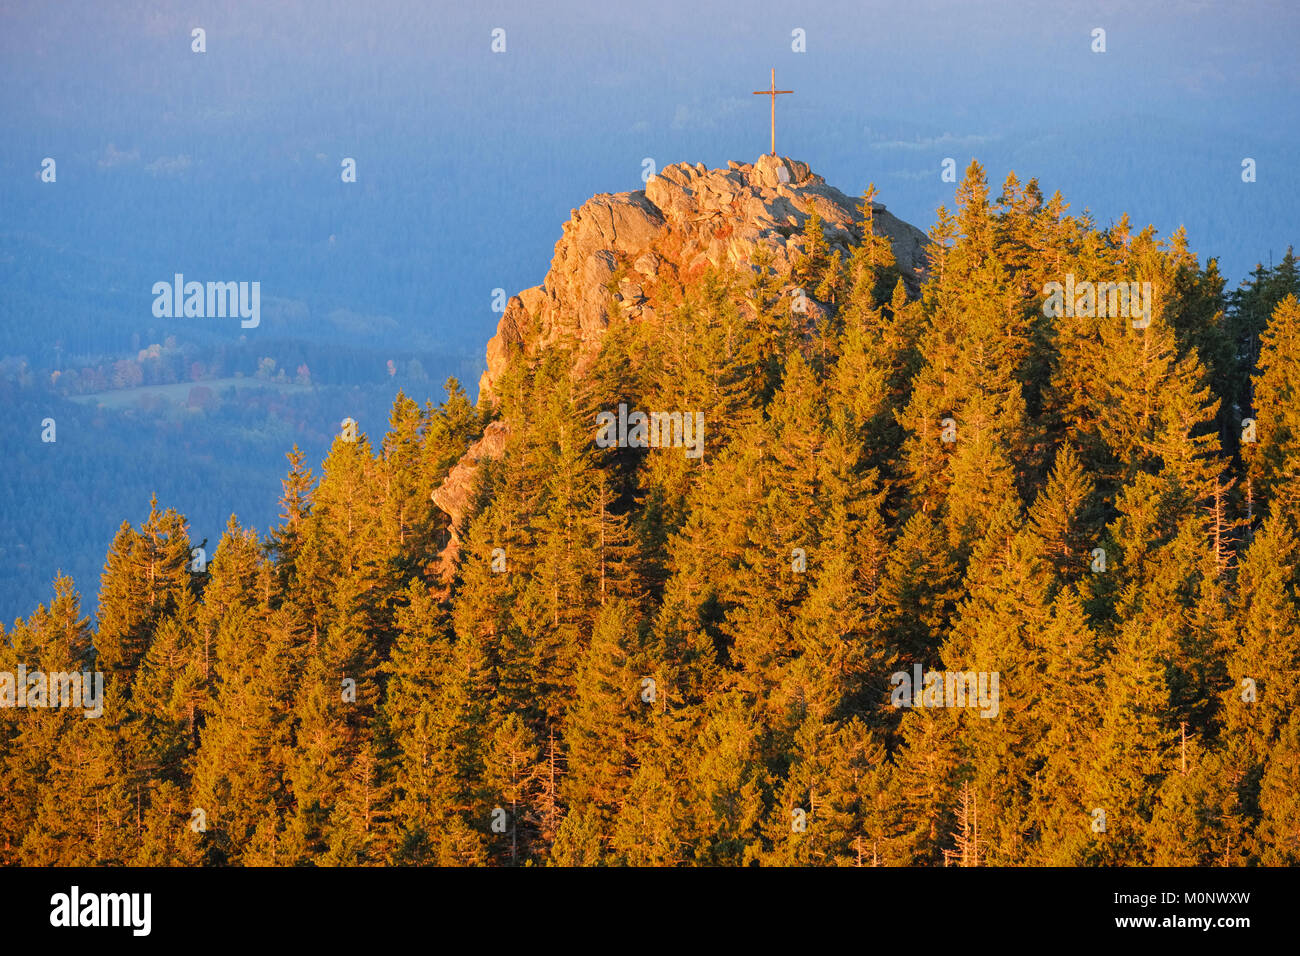 Kleiner Osser in the morning light,view from Großer Osser,near Lam,Bavarian Forest,Upper Palatinate,Bavaria,Germany - Stock Image